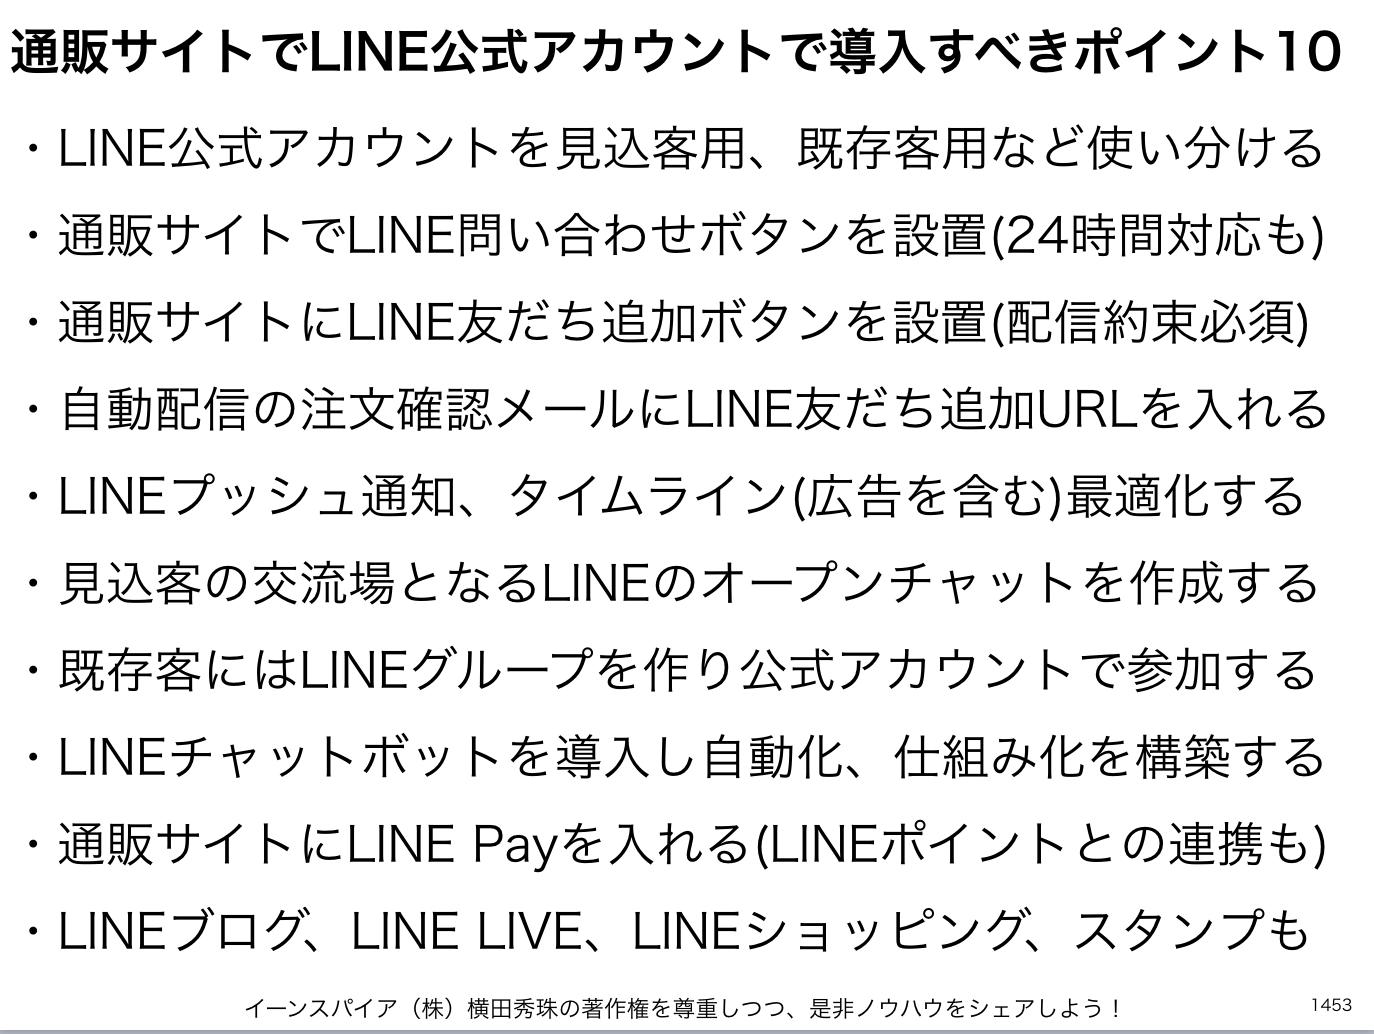 EC通販サイトにLINE公式アカウントで導入すべきポイント10